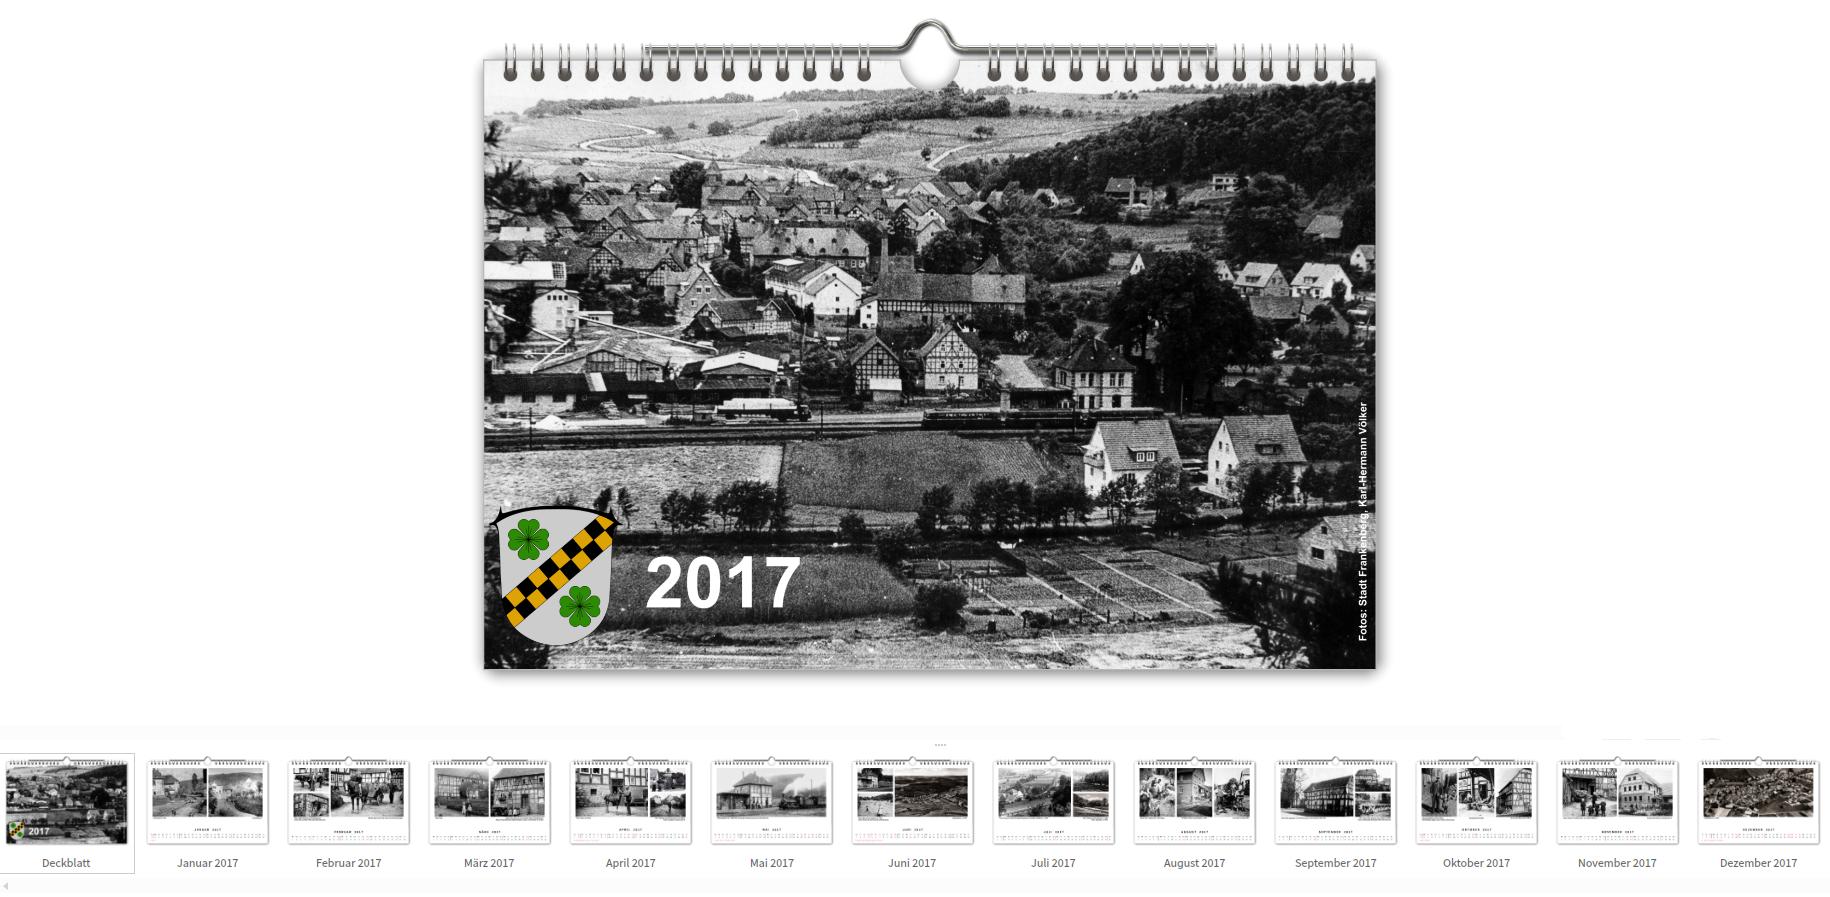 Kalender 2017 mit historischen Aufnahmen von Viermünden